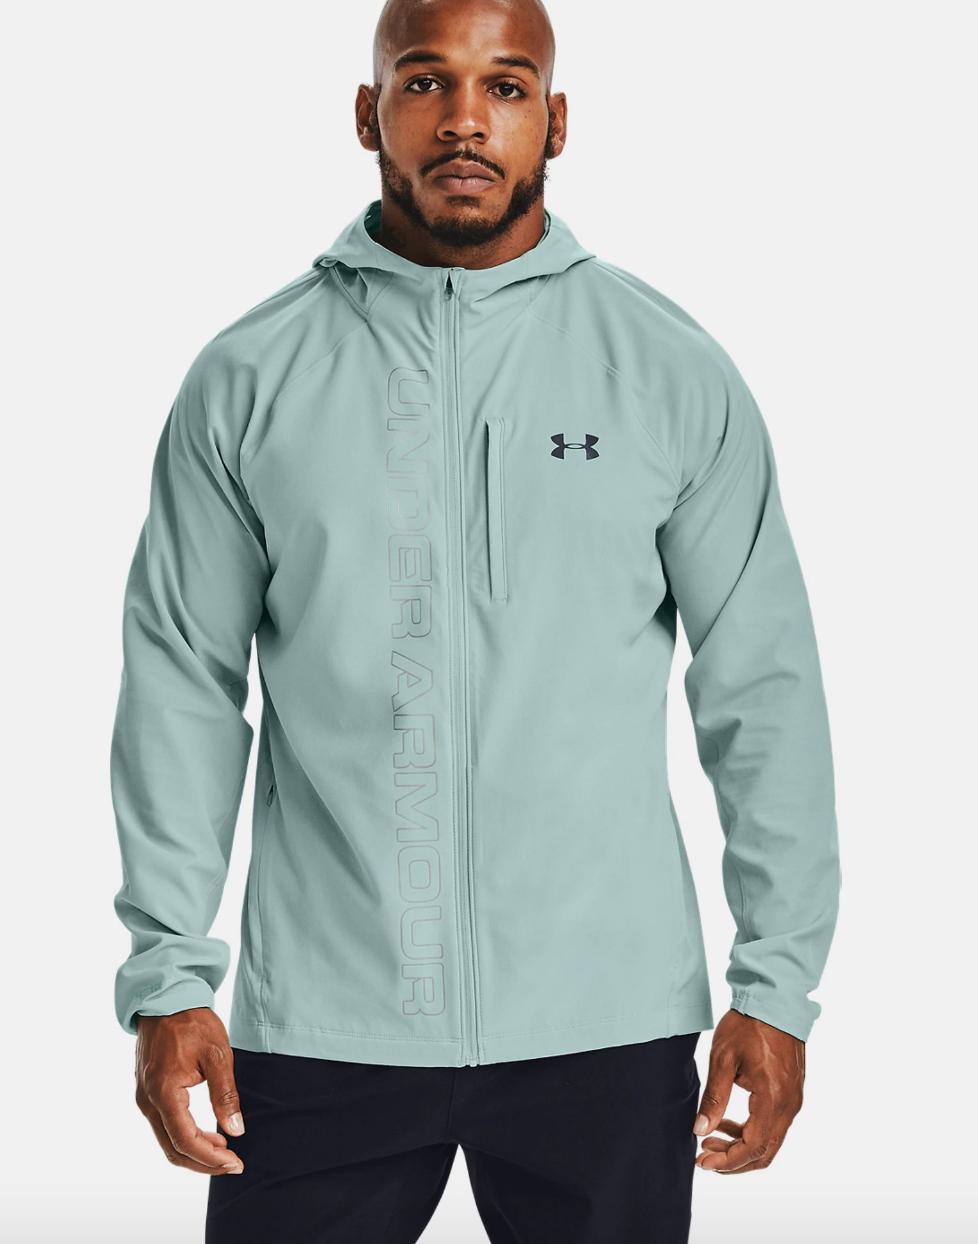 running jacket waterproof